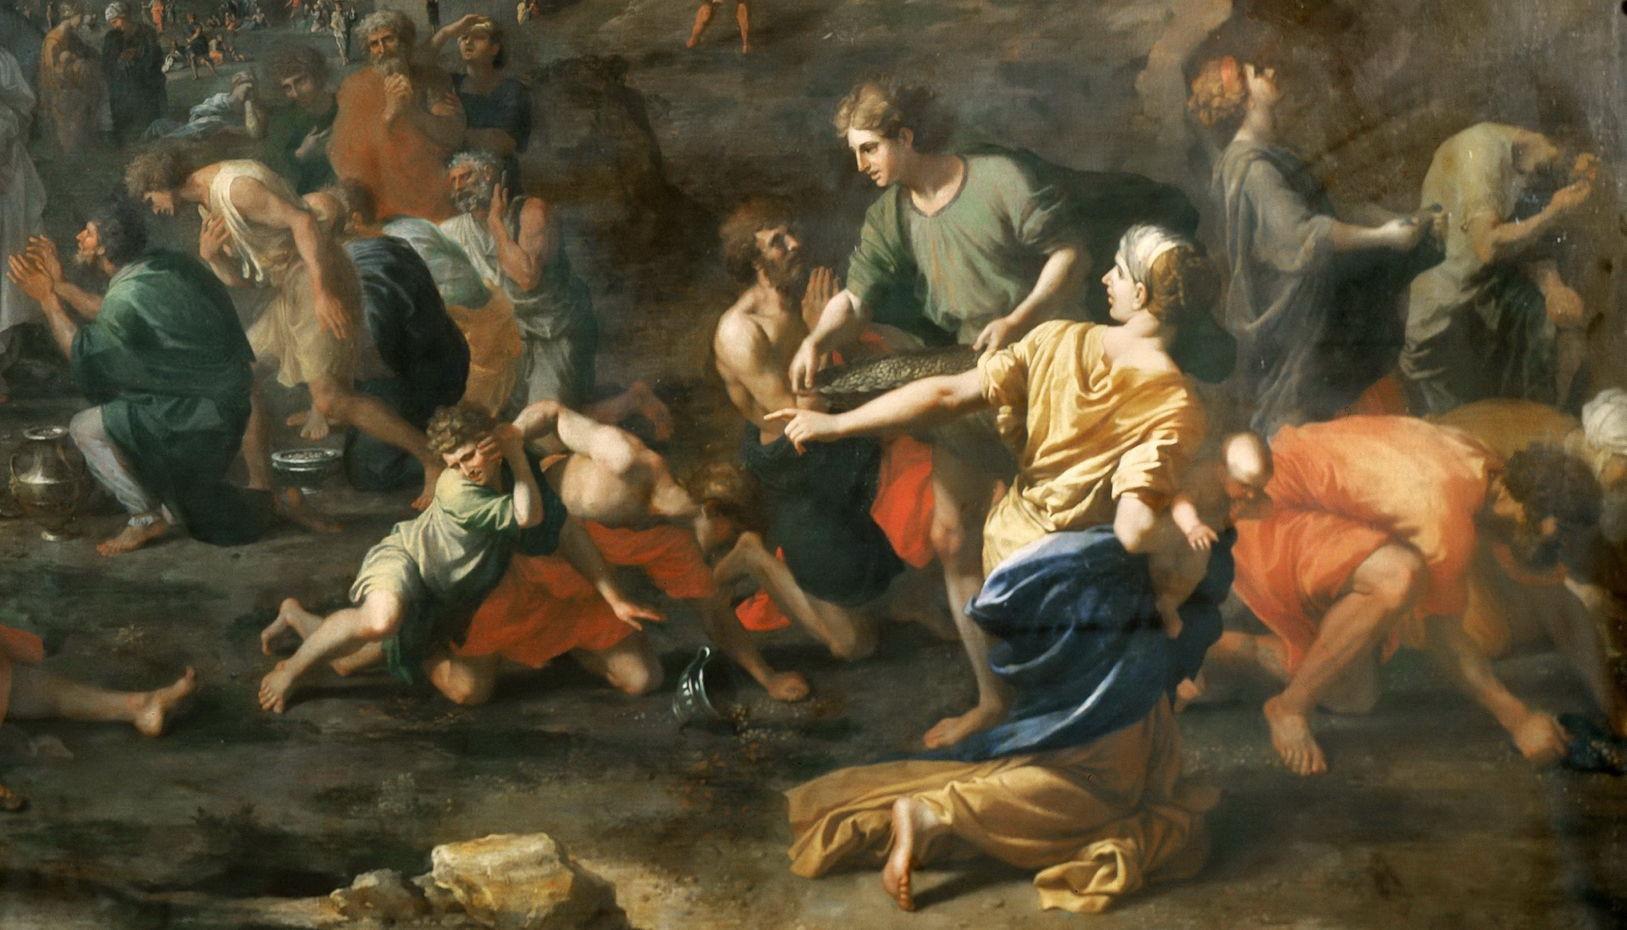 ნიკოლა პუსენი, მხატვრობა, ბიბლია, ციური მანანა